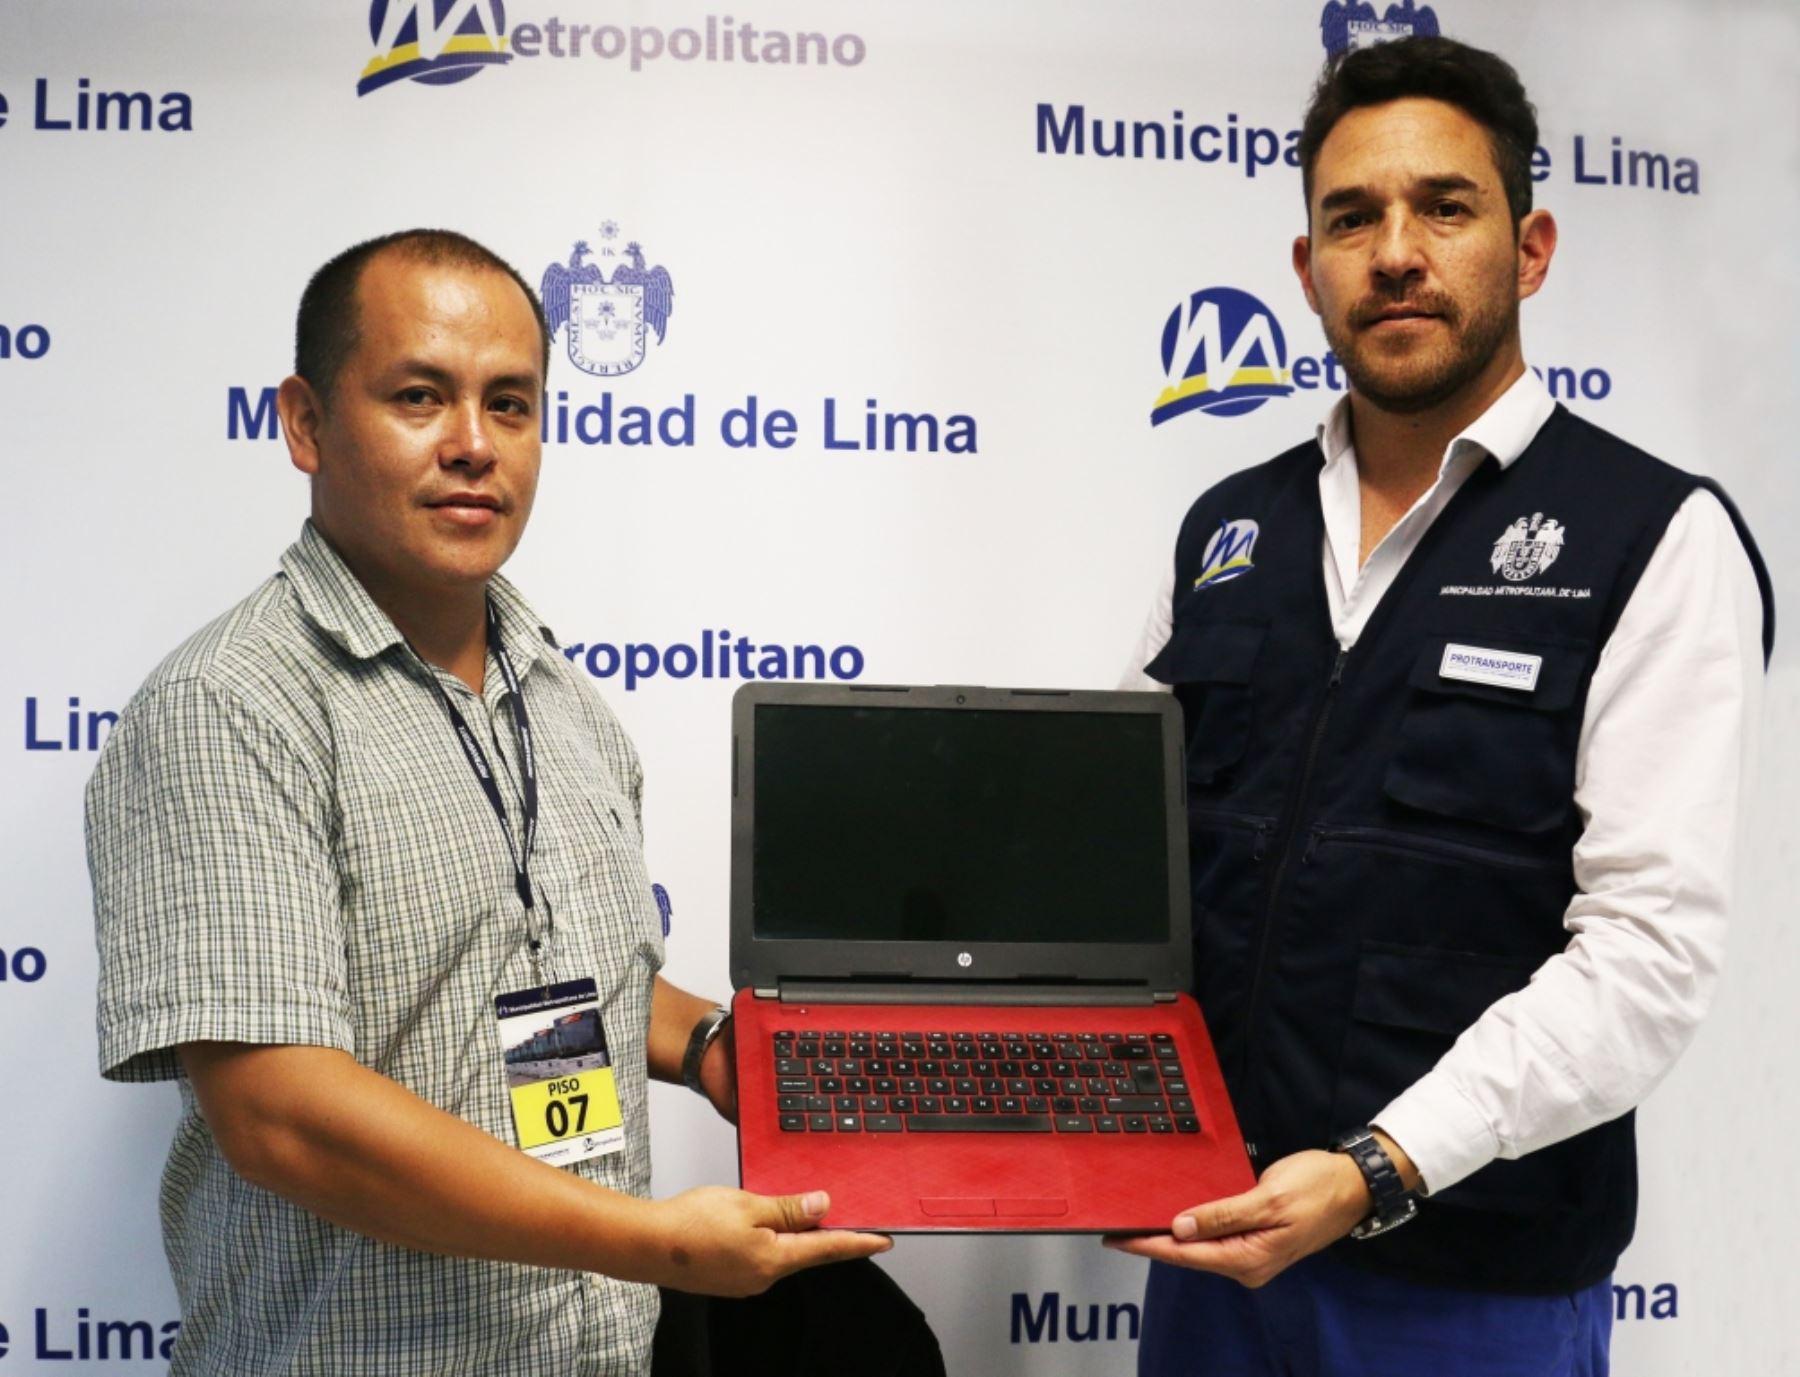 Devuelven a usuario laptop y mochila que olvidó en bus del Metropolitano. Foto: Difusión